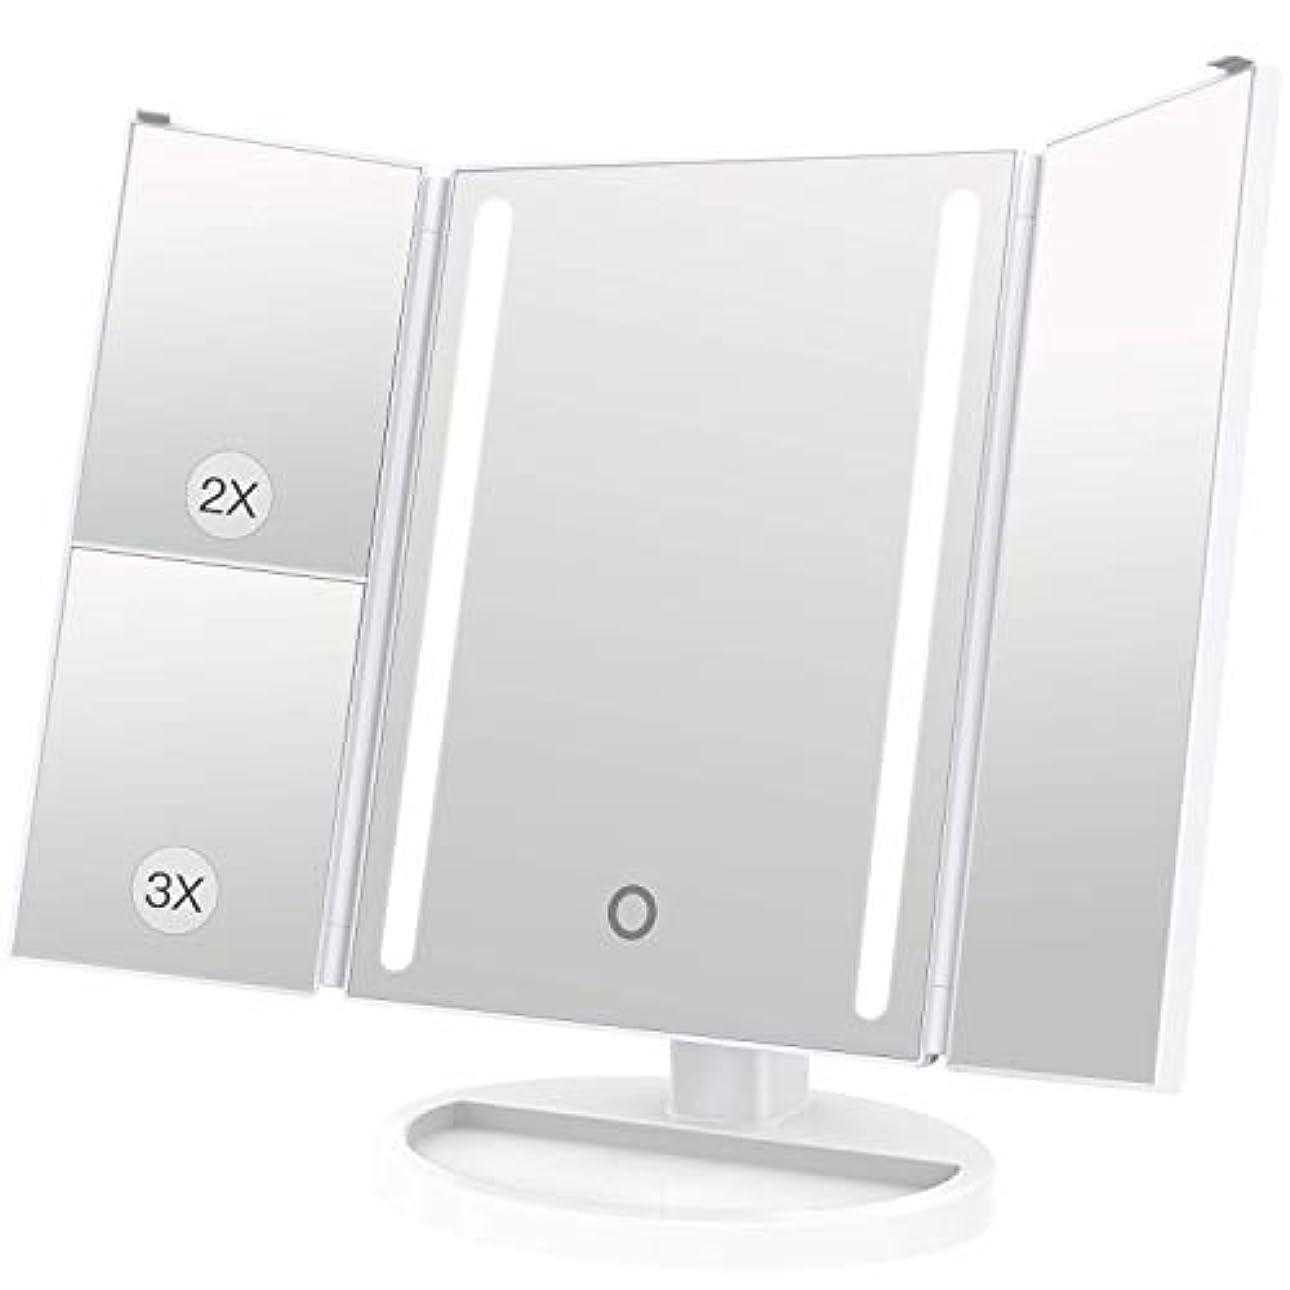 する報酬の提案LEEPWEI 化粧鏡 LED 三面鏡 2&3倍拡大鏡付き 明るさ調節可能 180度回転 USB/単三電池給電 (ホワイト)